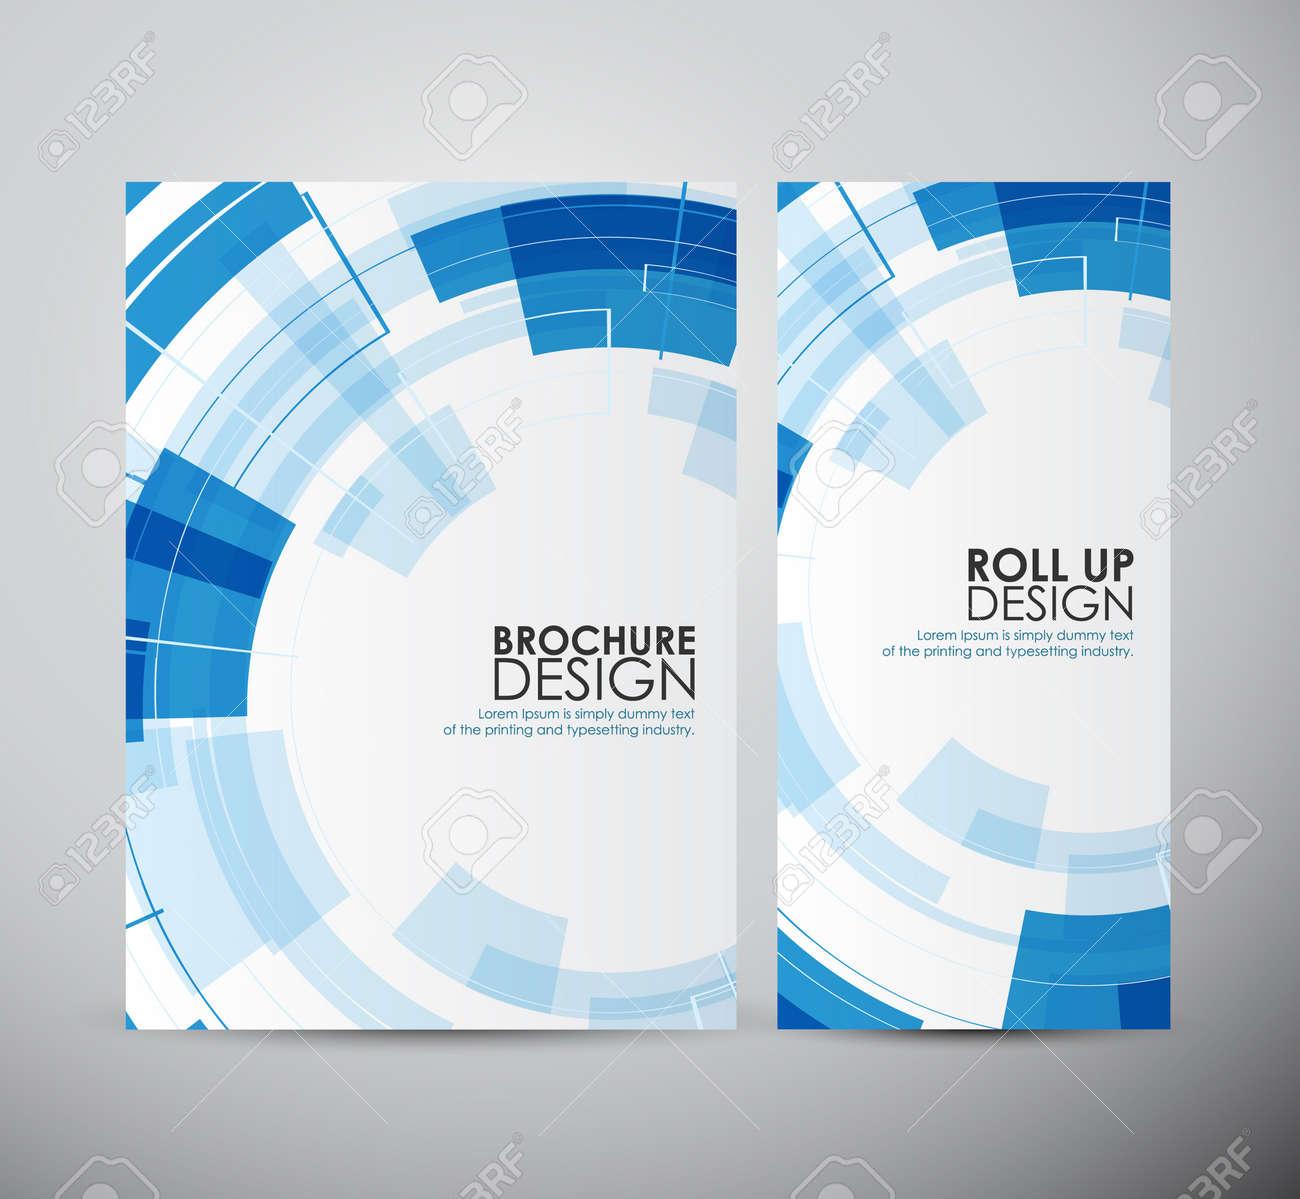 brochure business design abstract modern technology circles template